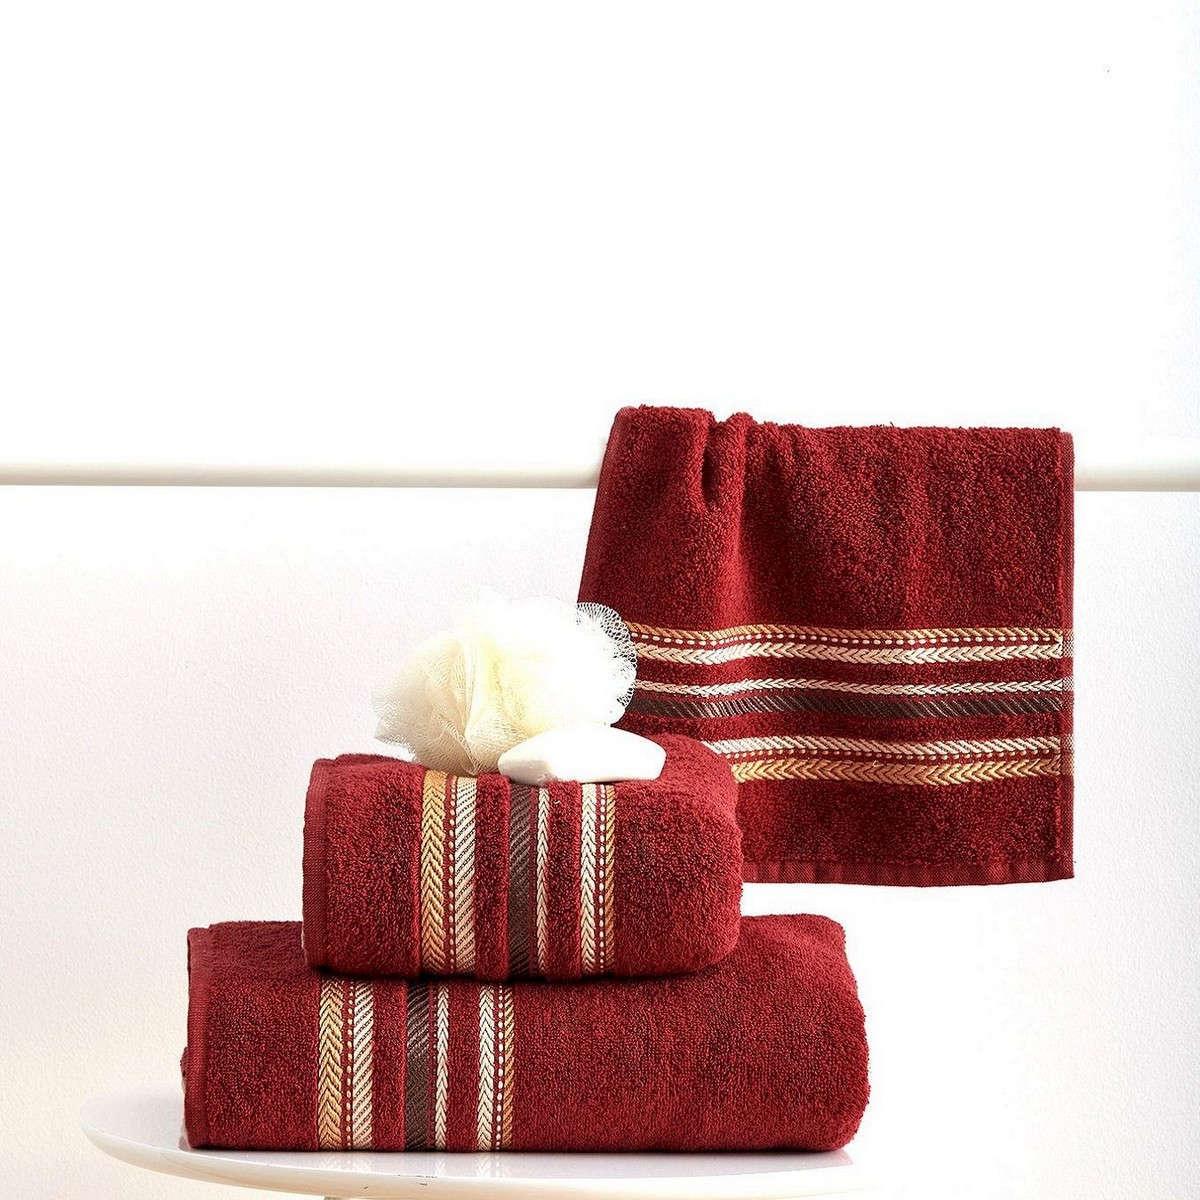 Πετσέτες Σετ 3Τεμ. Timothy Terracota Sb Home Σετ Πετσέτες